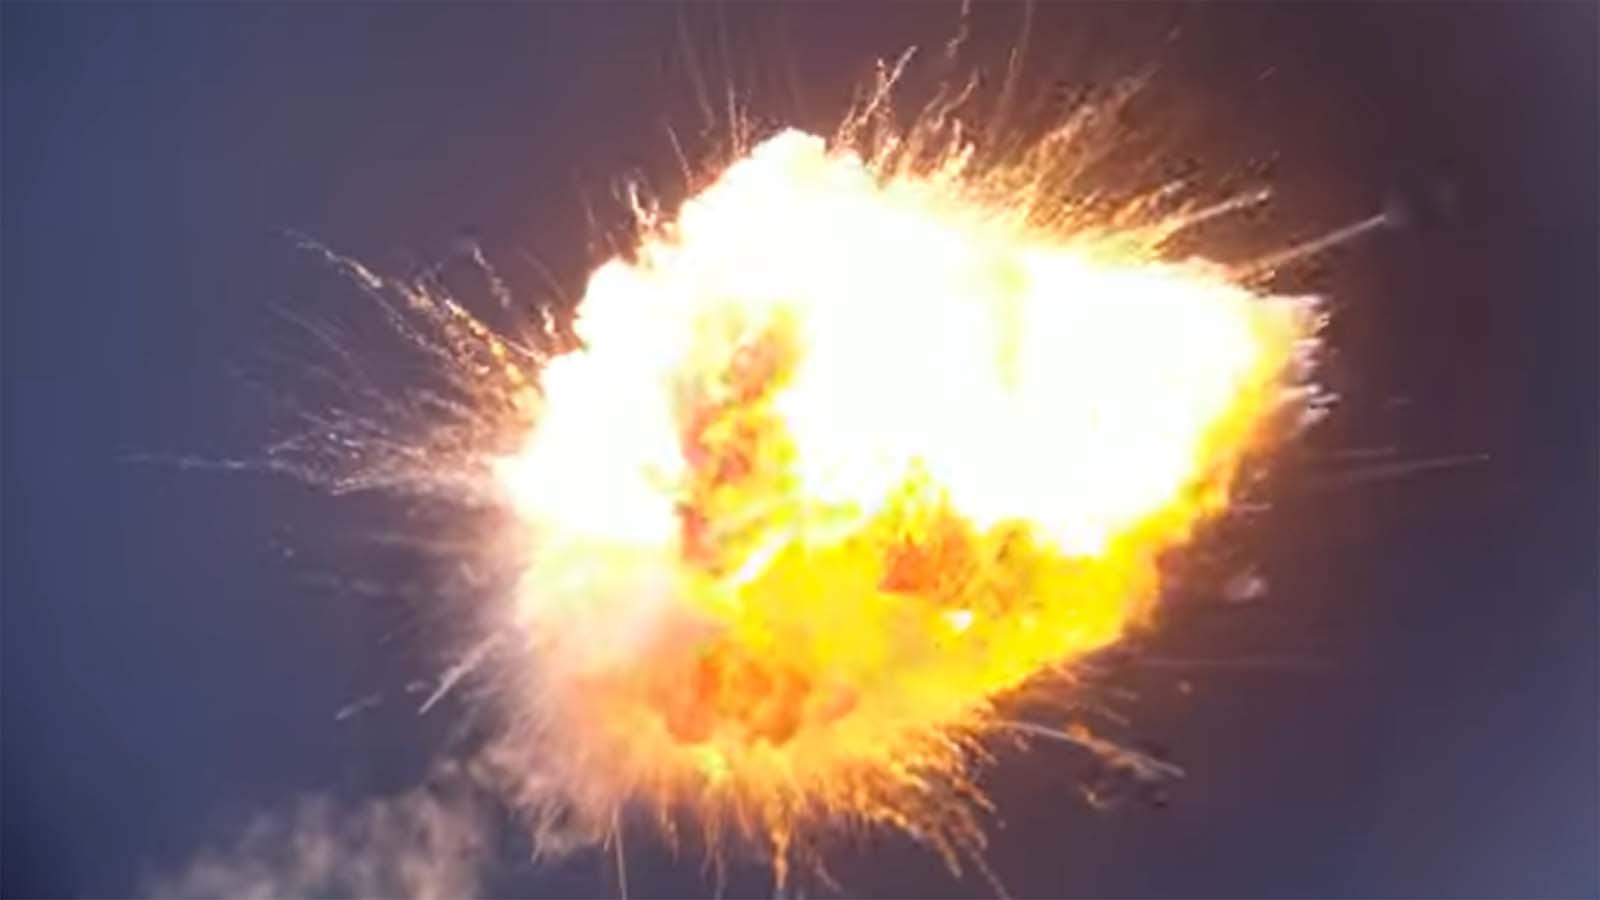 El lanzamiento del cohete Firefly Aerospace termina en una explosión dramática